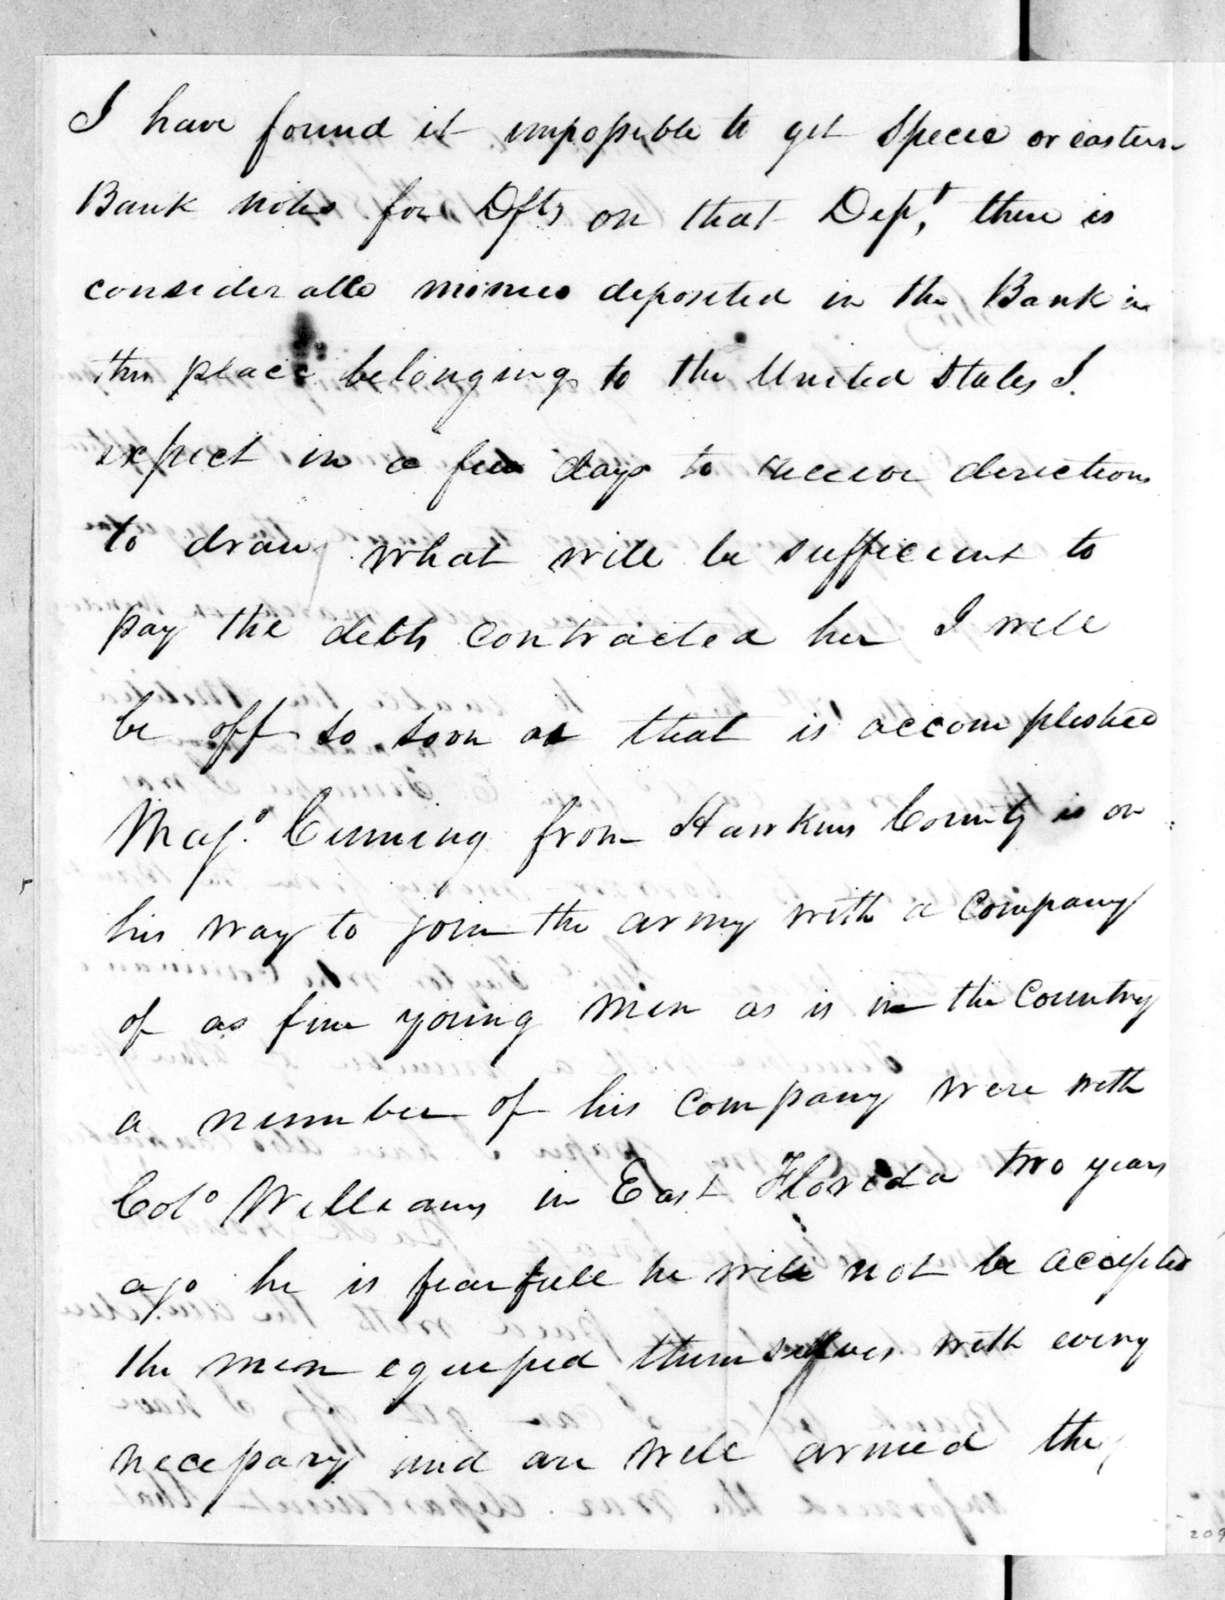 John A. Rodgers to Robert Butler, October 15, 1814